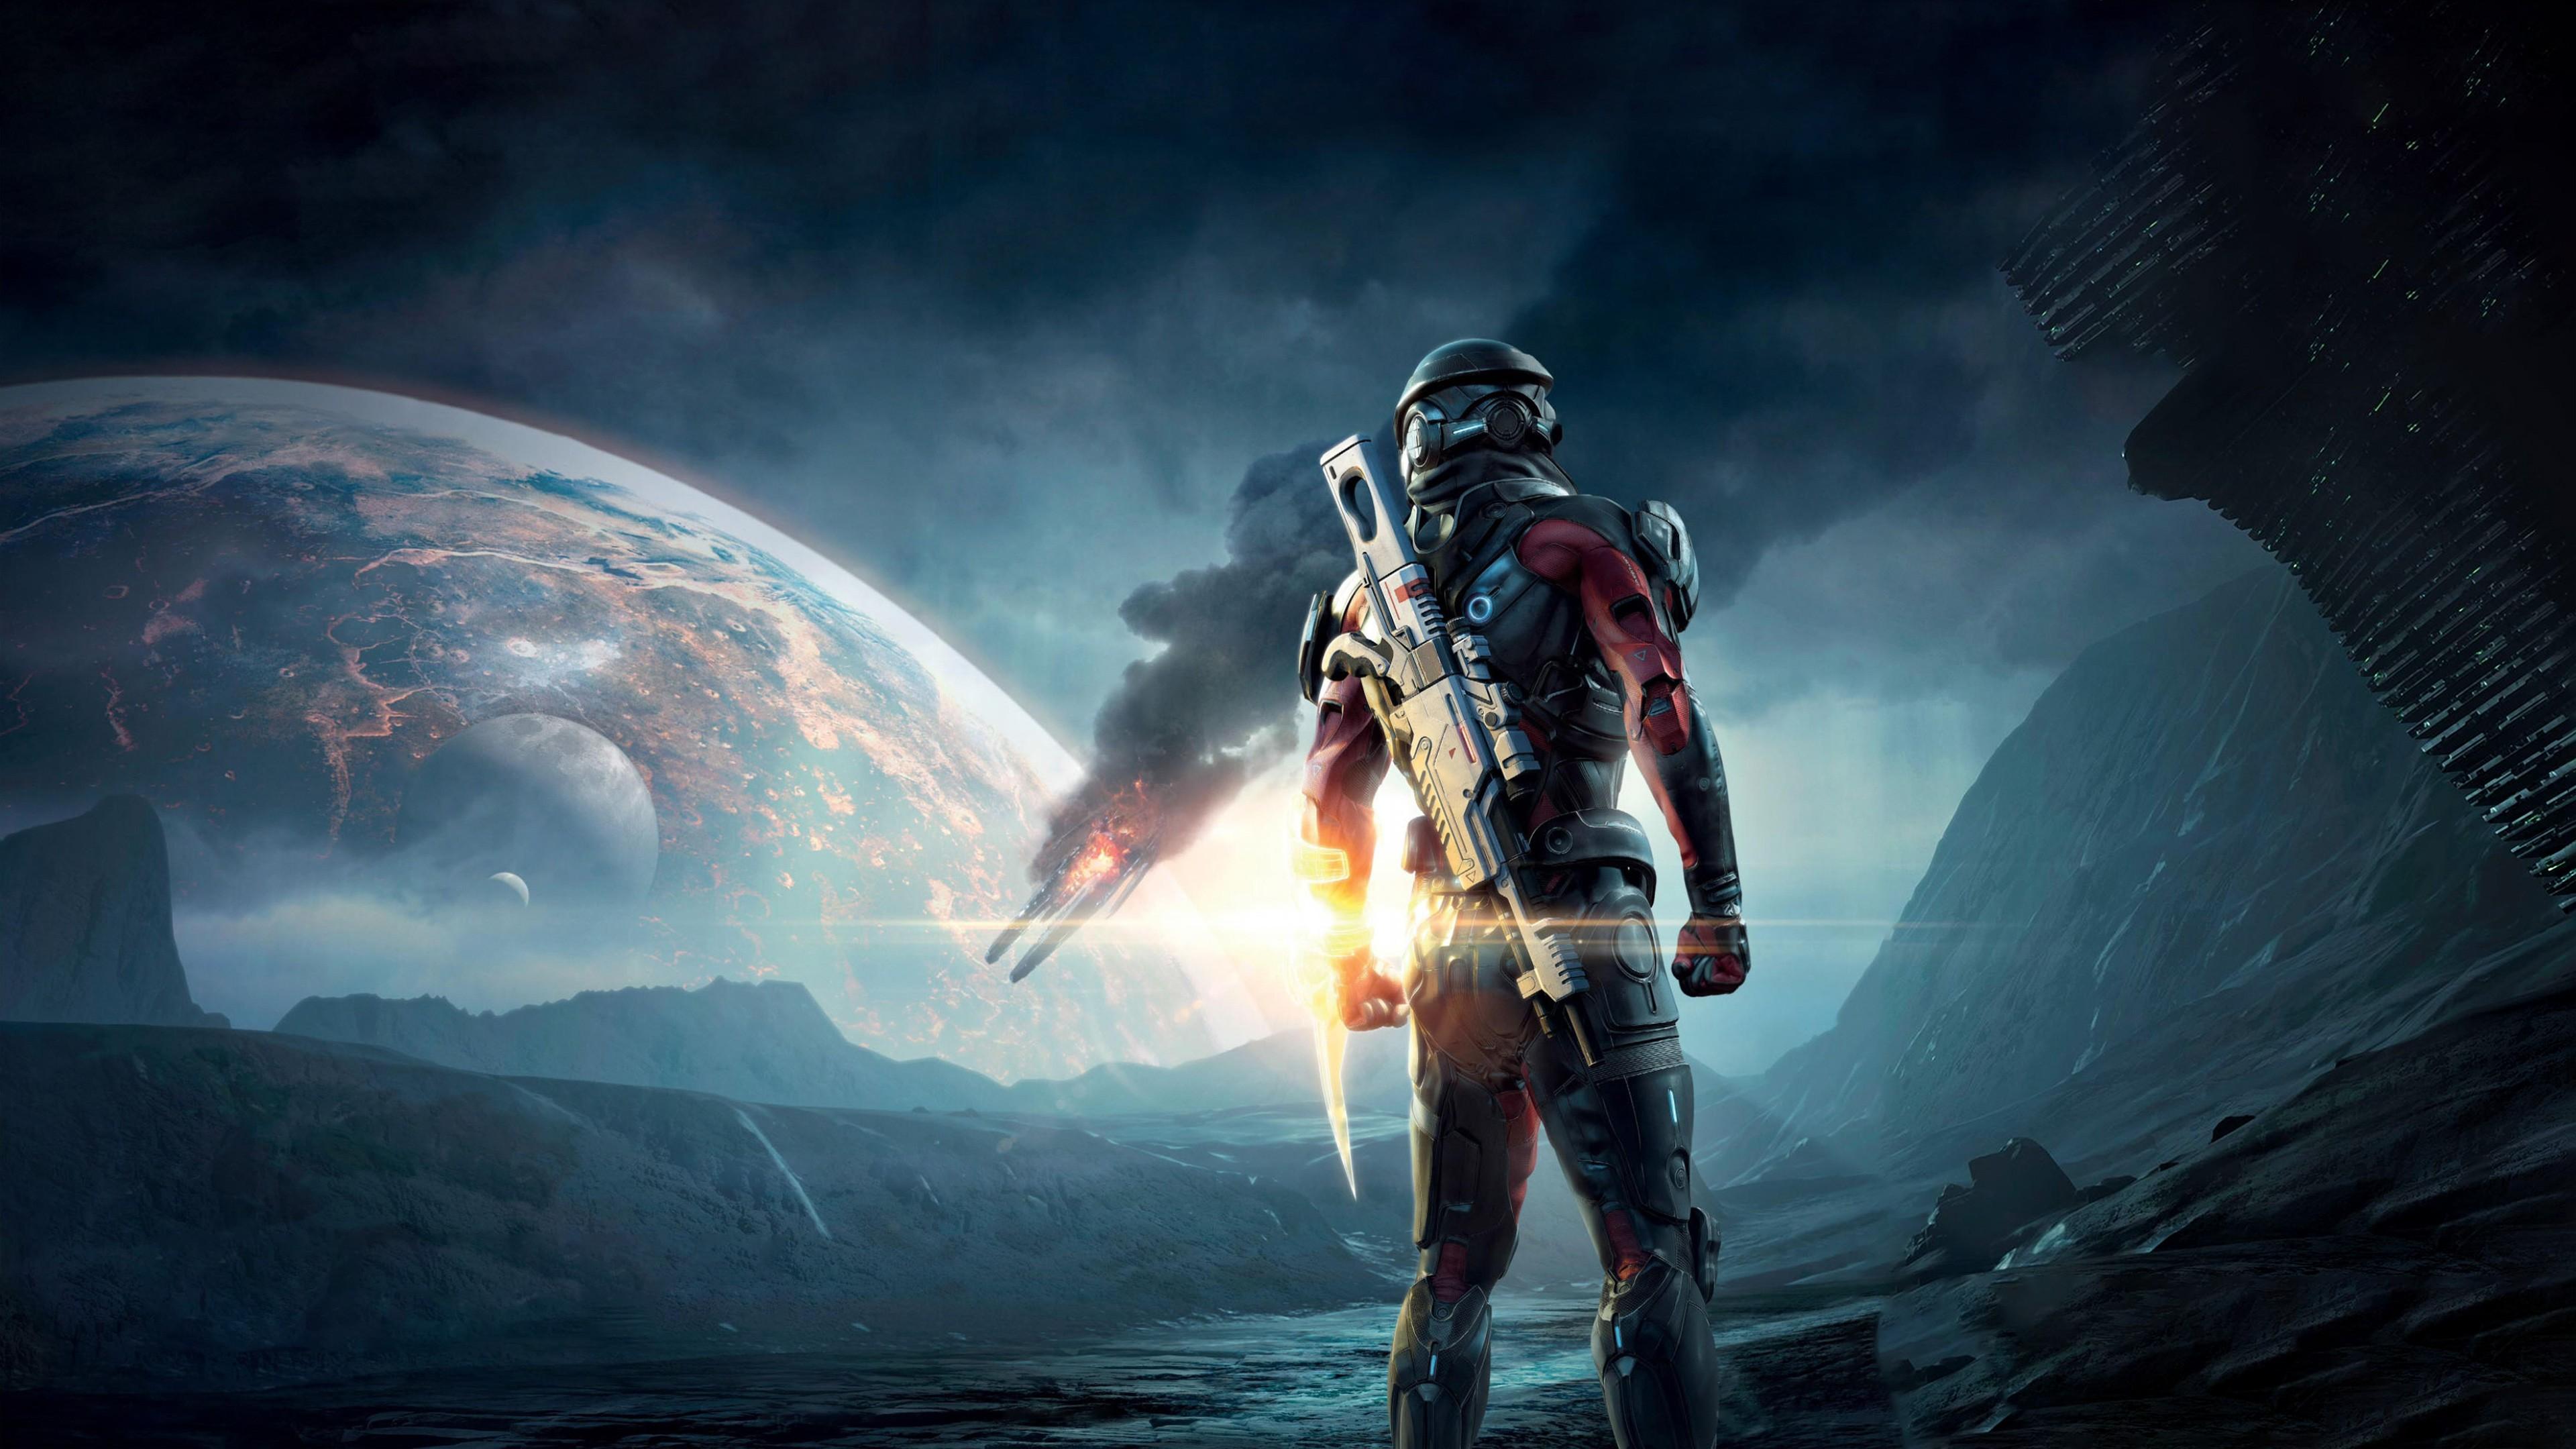 Wallpaper Mass Effect Andromeda Mass Effect Shooter